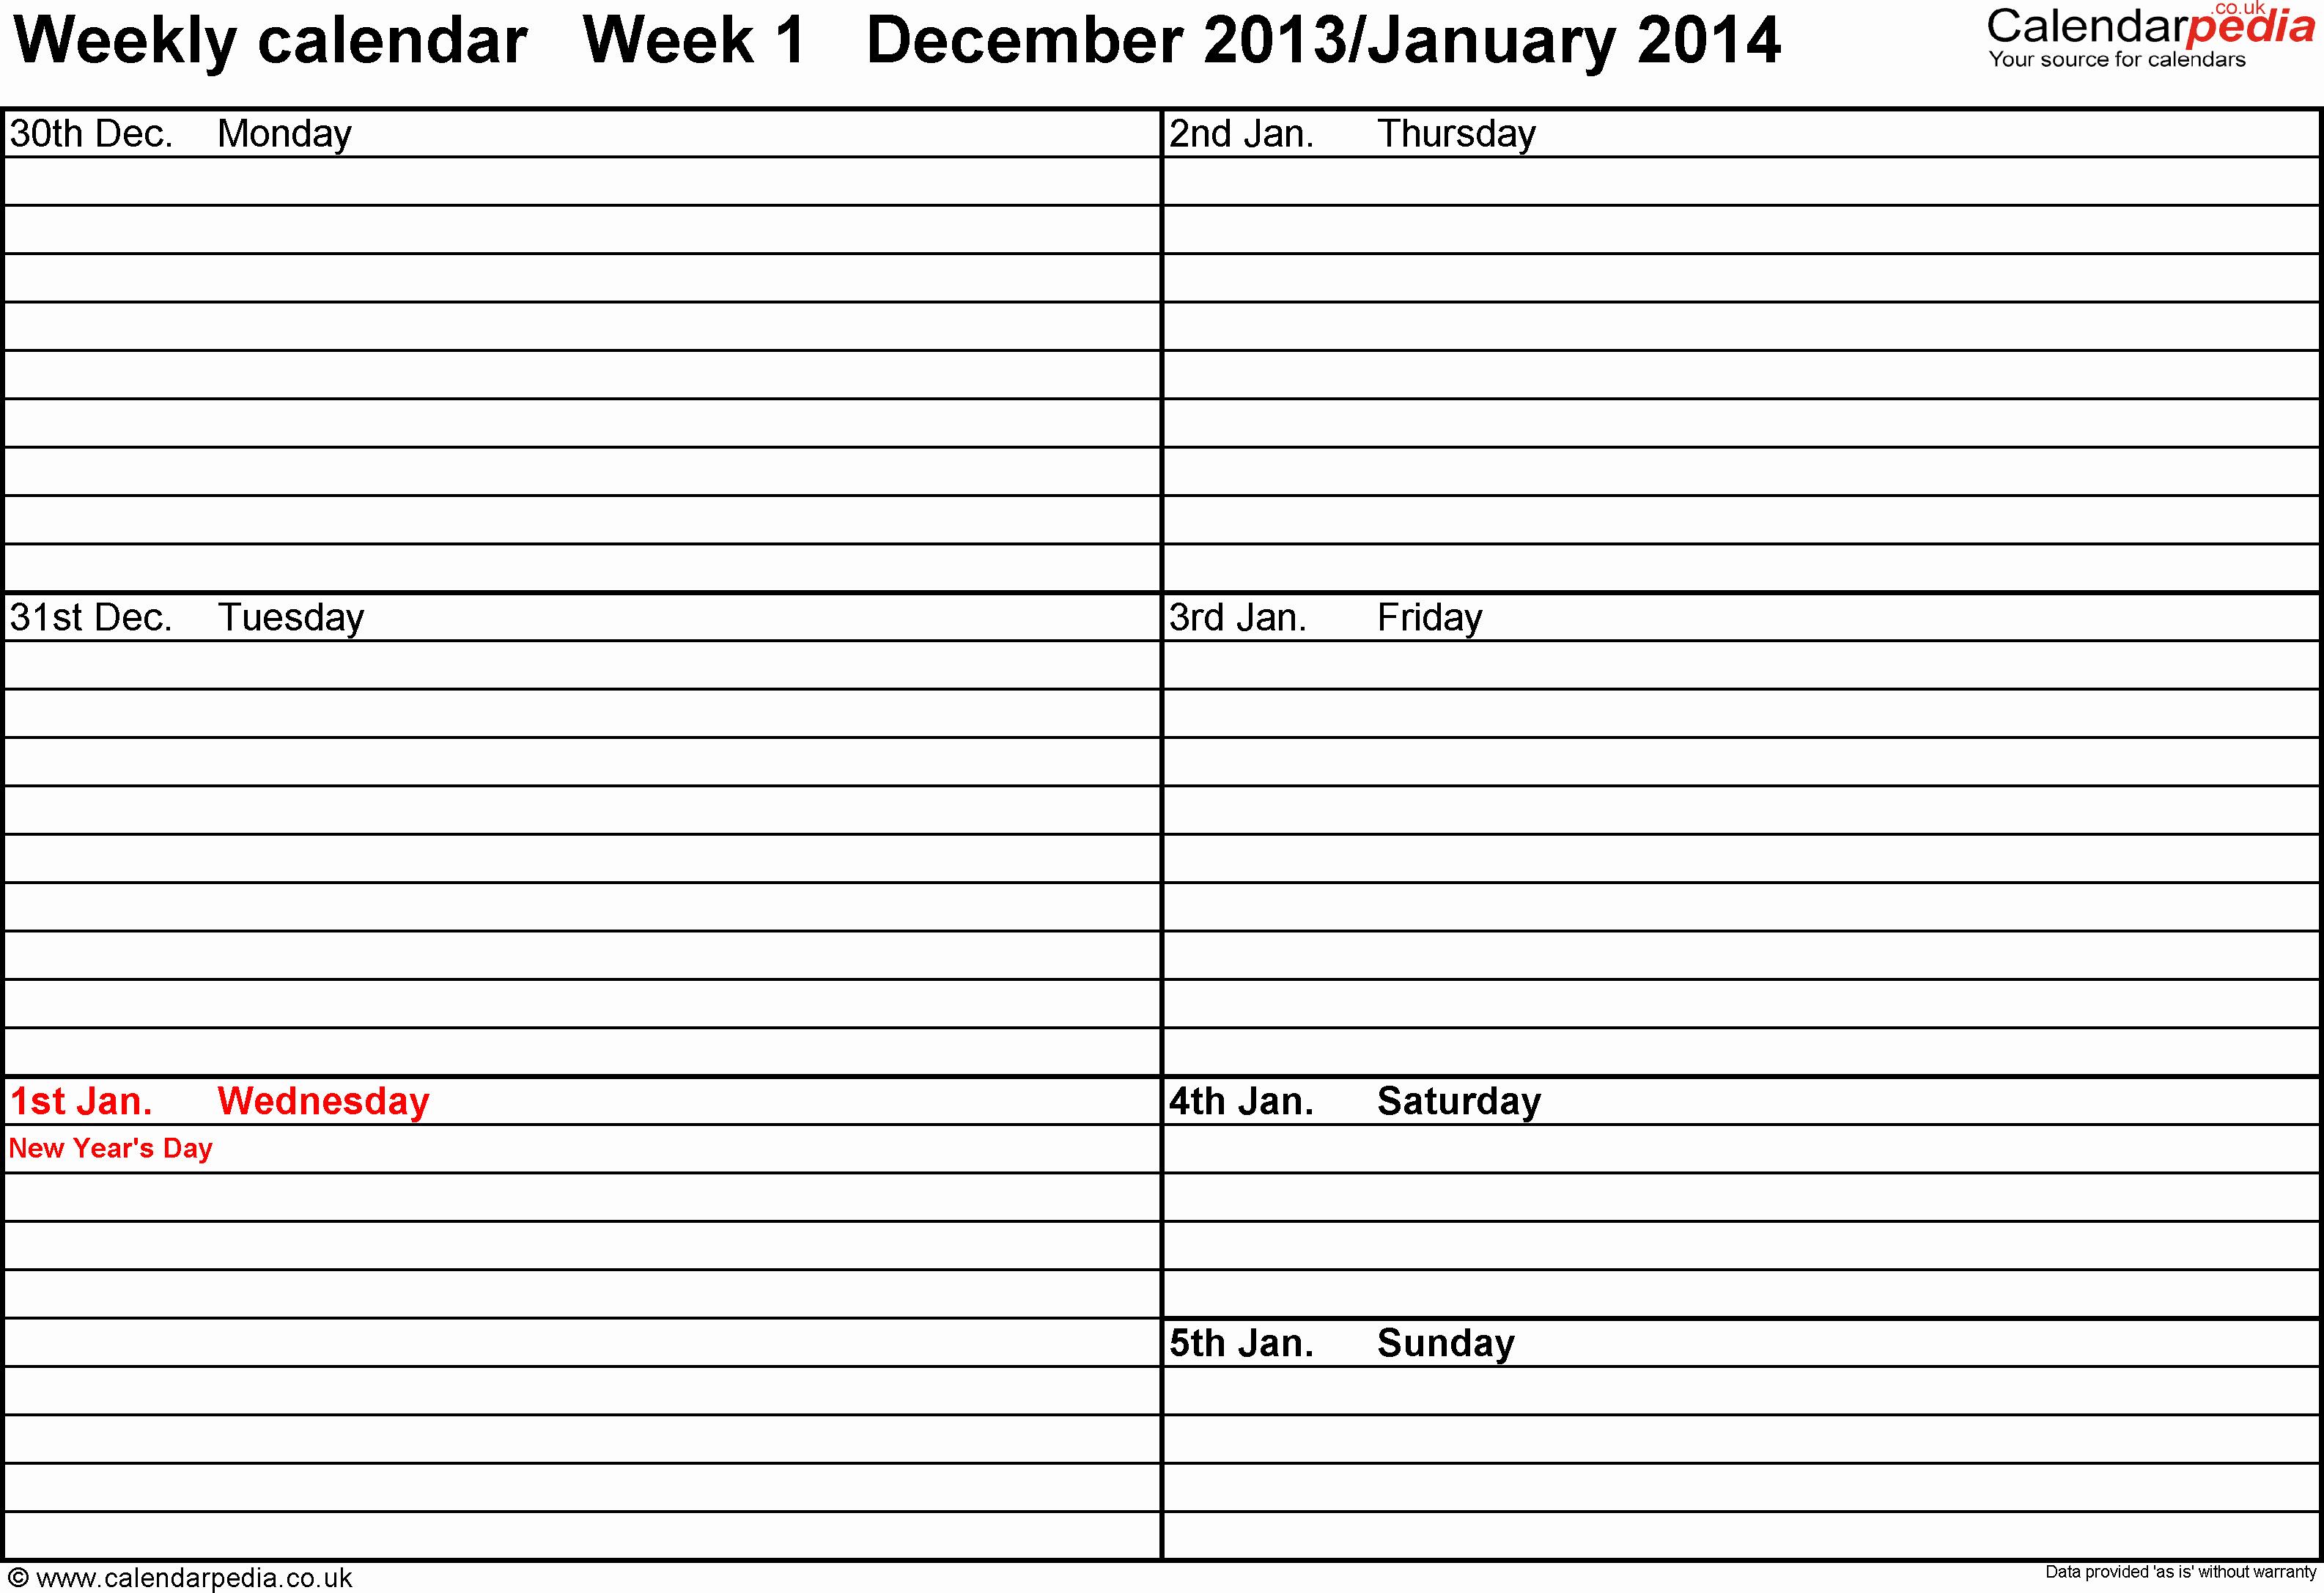 Two Week Calendar Template Elegant Weekly Calendar 2014 Uk Free Printable Templates for Word